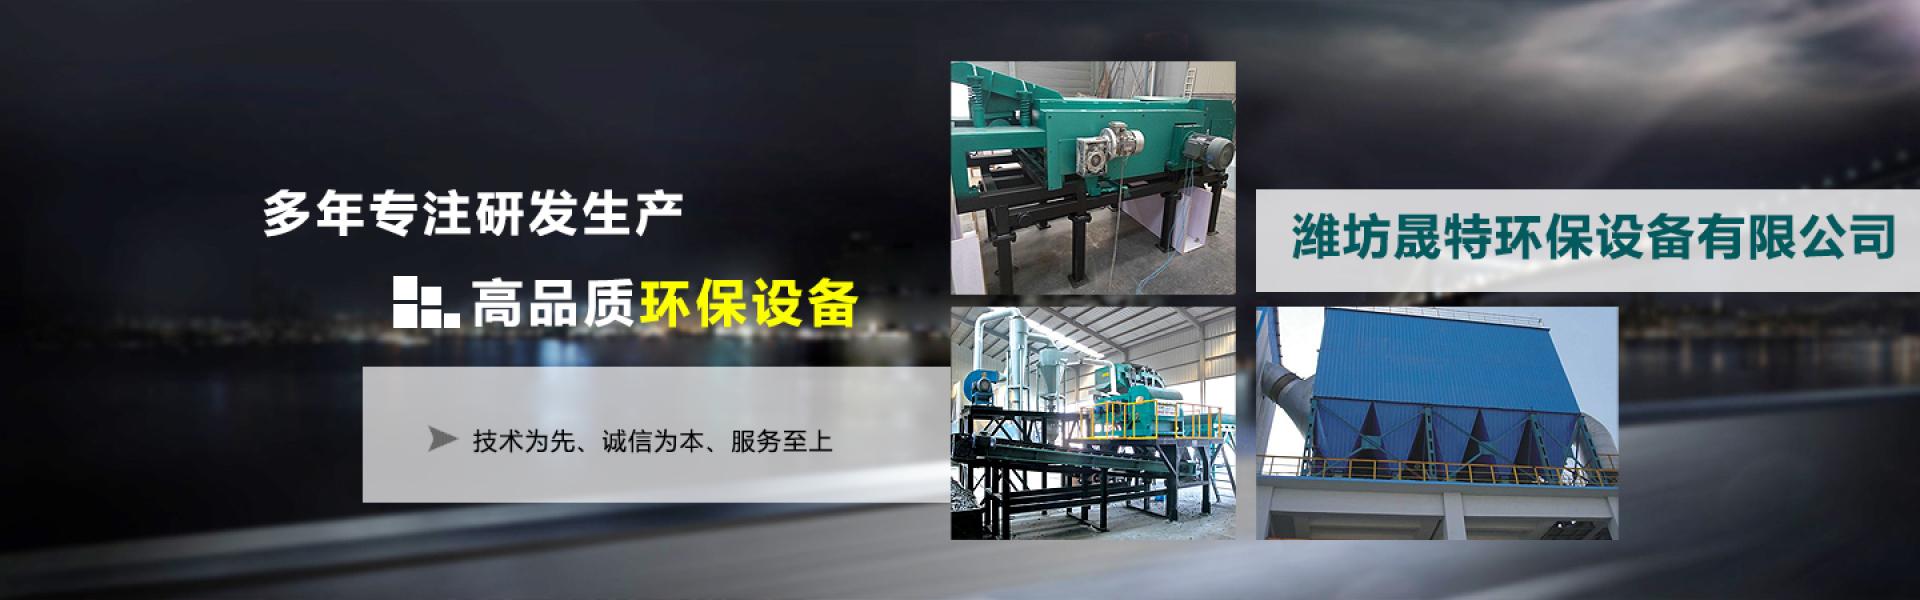 潍坊晟特环保设备有限公司